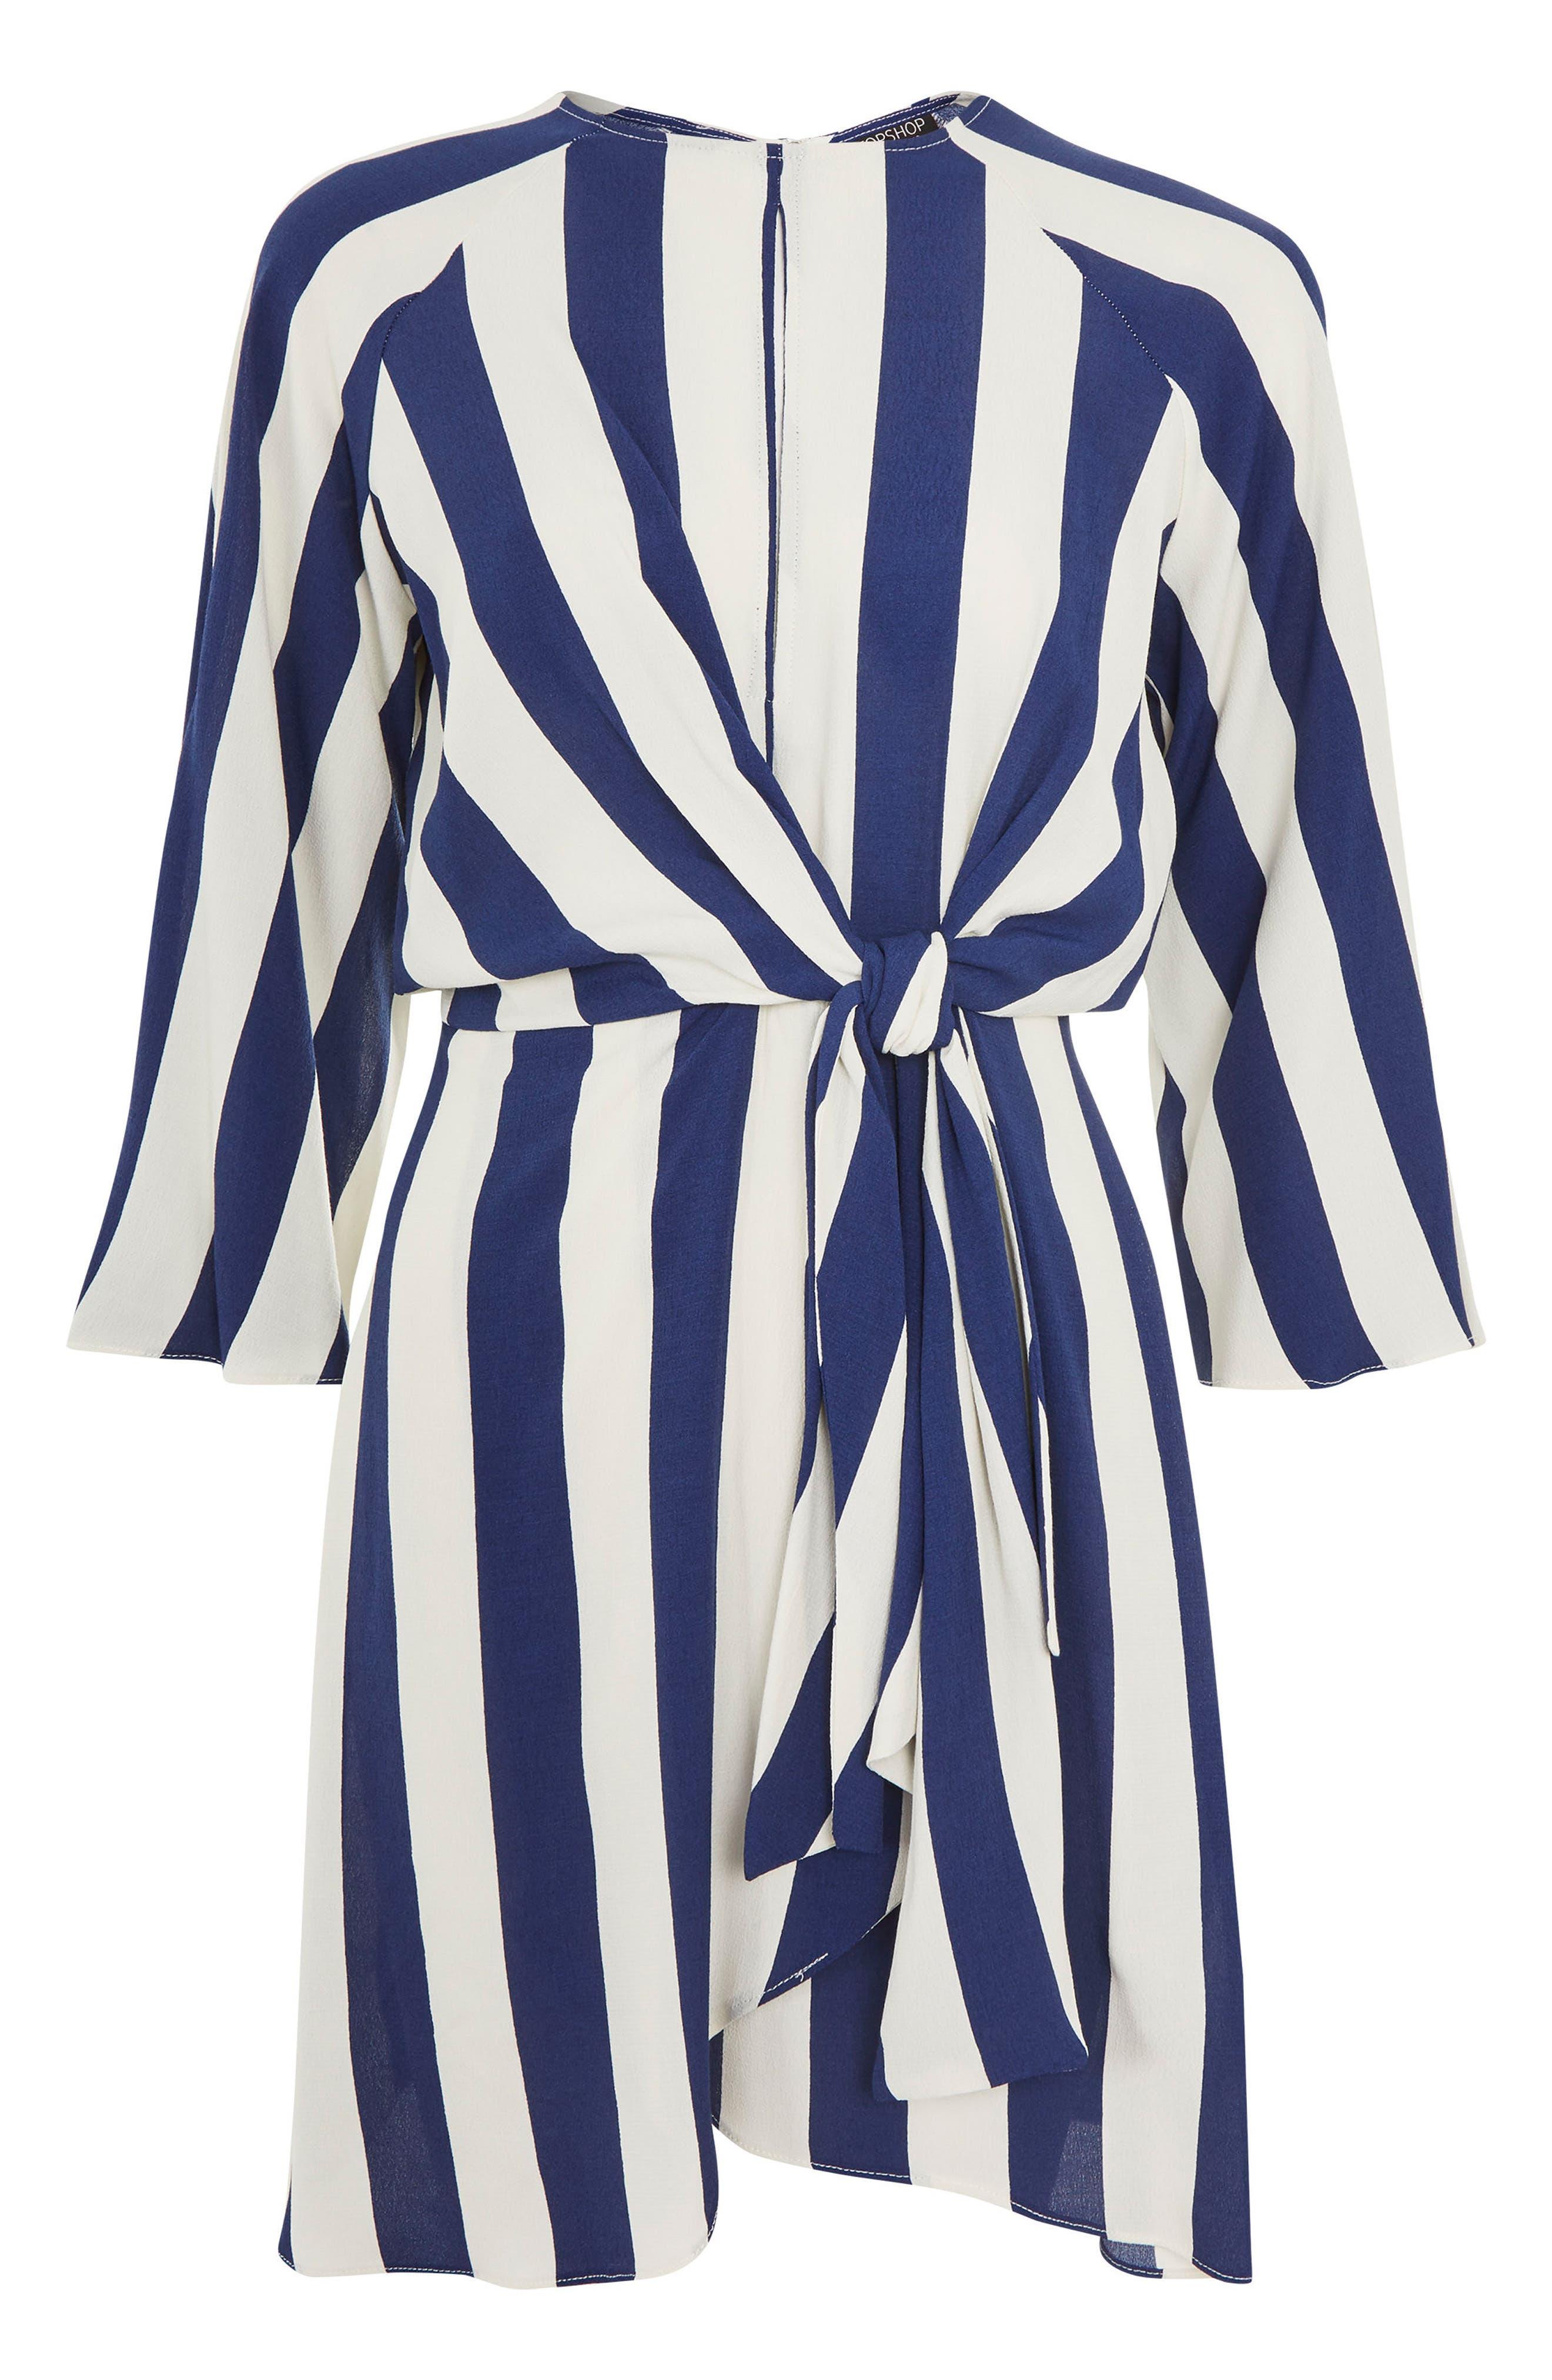 Humbug Stripe Knot Dress,                             Alternate thumbnail 3, color,                             Blue Multi